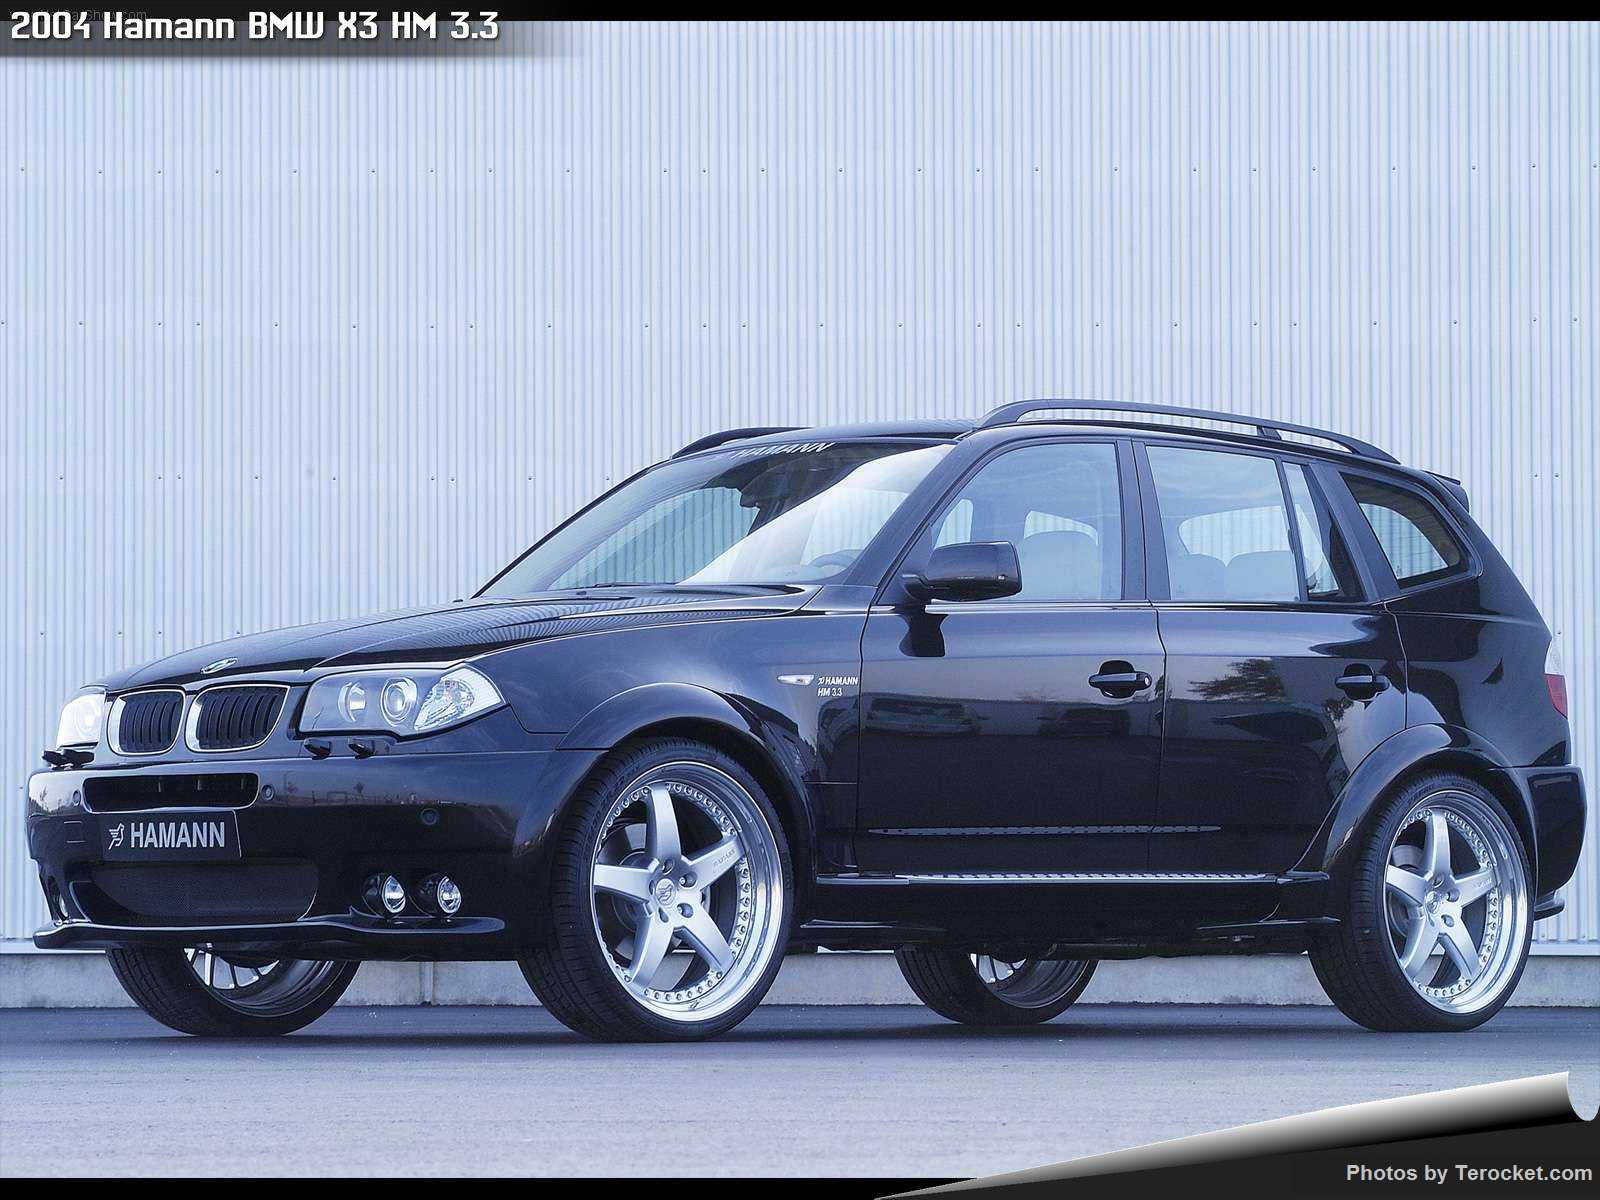 Hình ảnh xe ô tô Hamann BMW X3 HM 3.3 2004 & nội ngoại thất